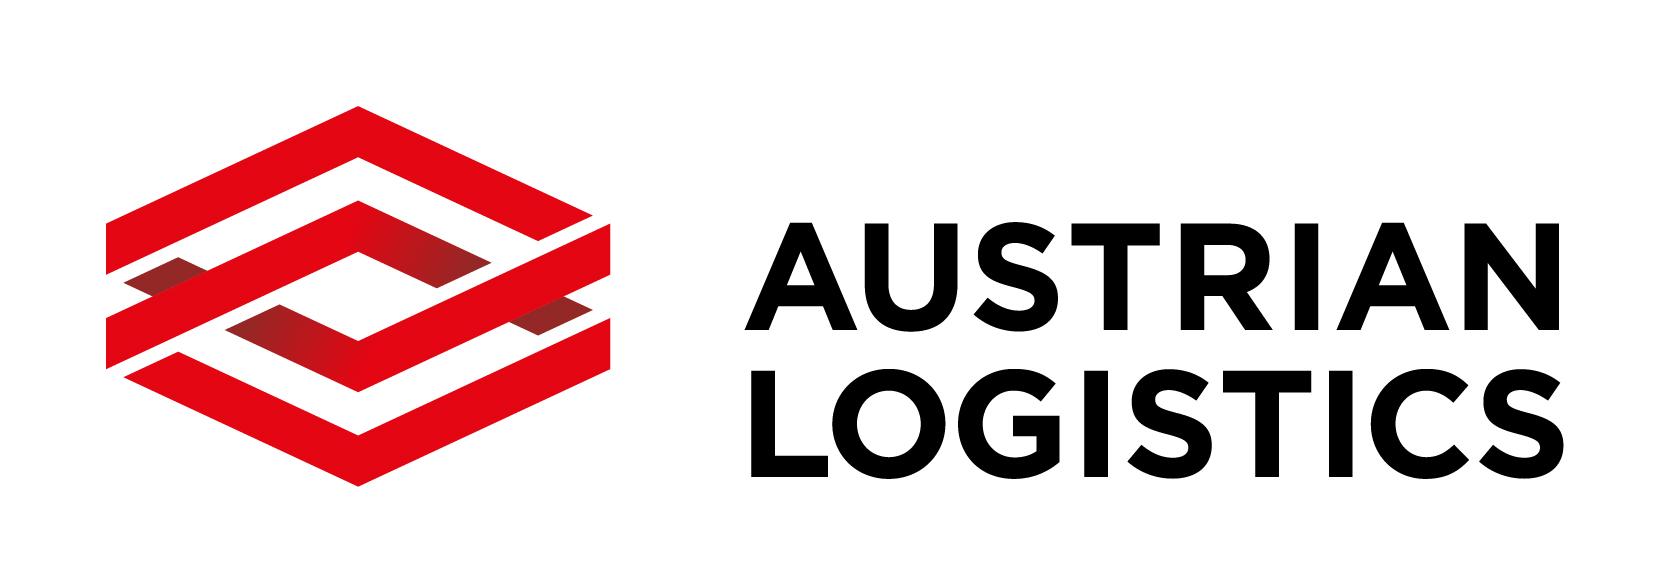 Dachmarke AUSTRIAN LOGISTICS steht für Exzellenz und Innovation in der Disziplin Logistik. | Freie-Pressemitteilungen.de